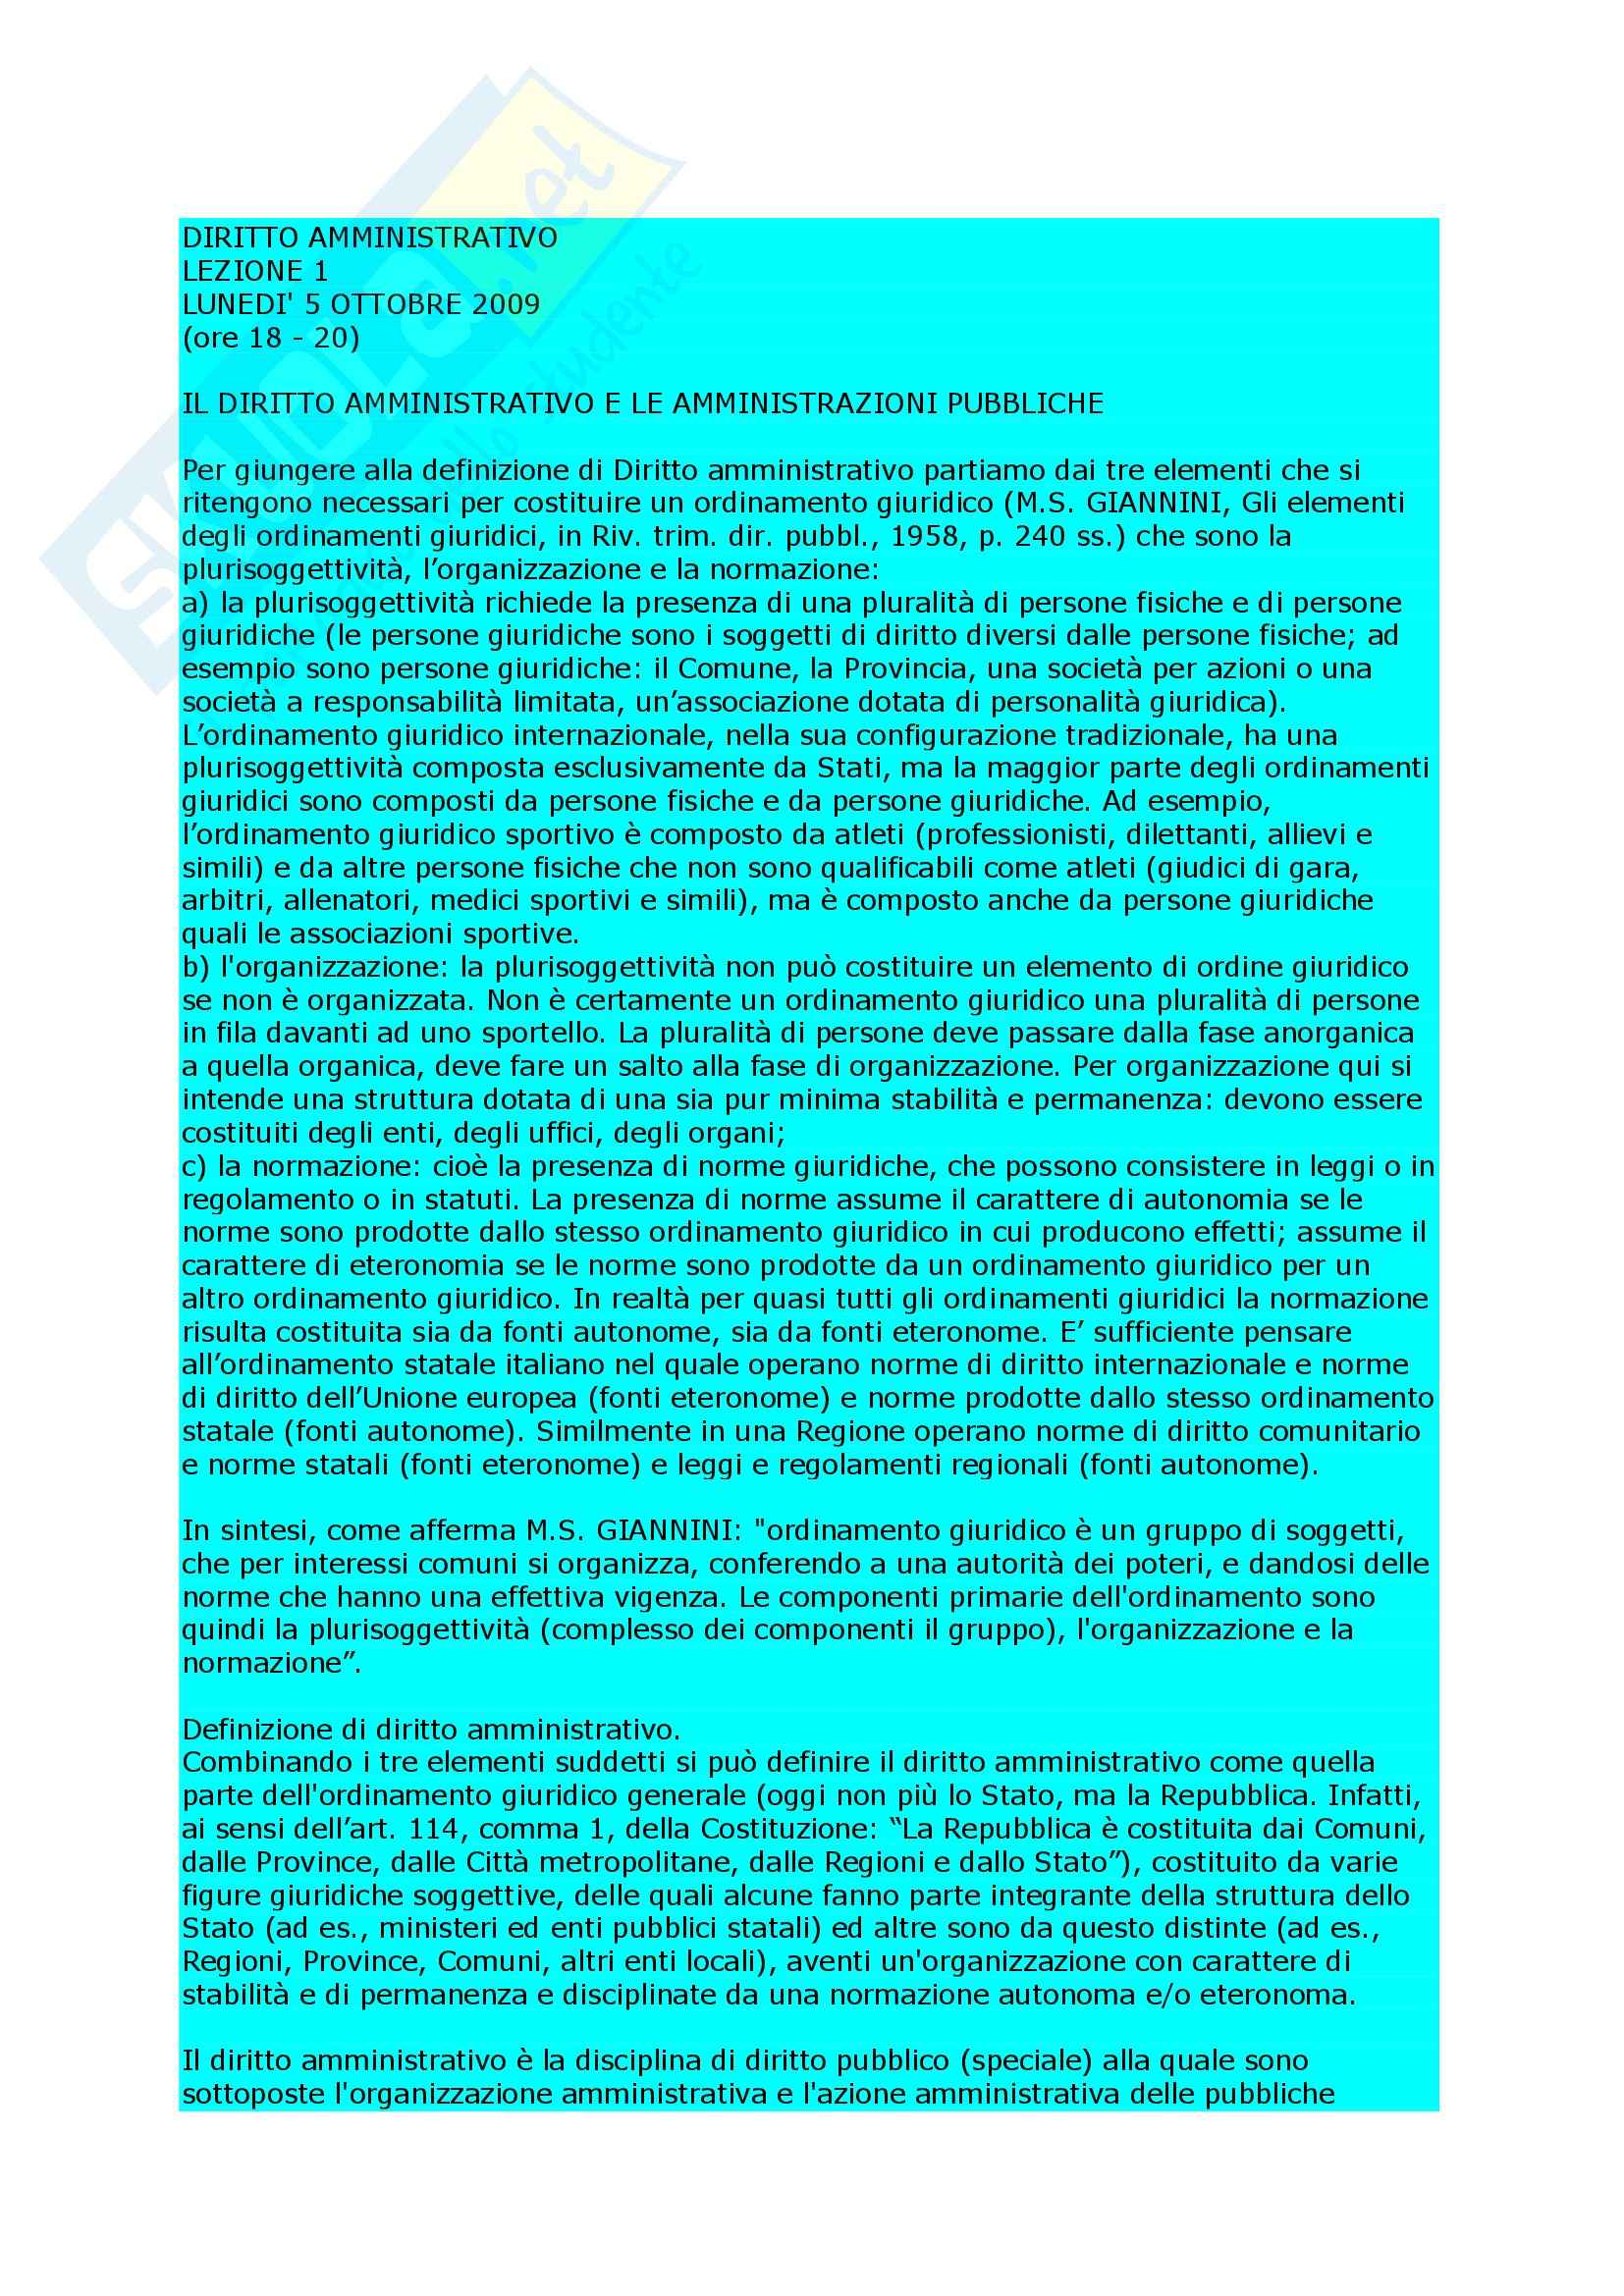 Diritto amministrativo - nozioni